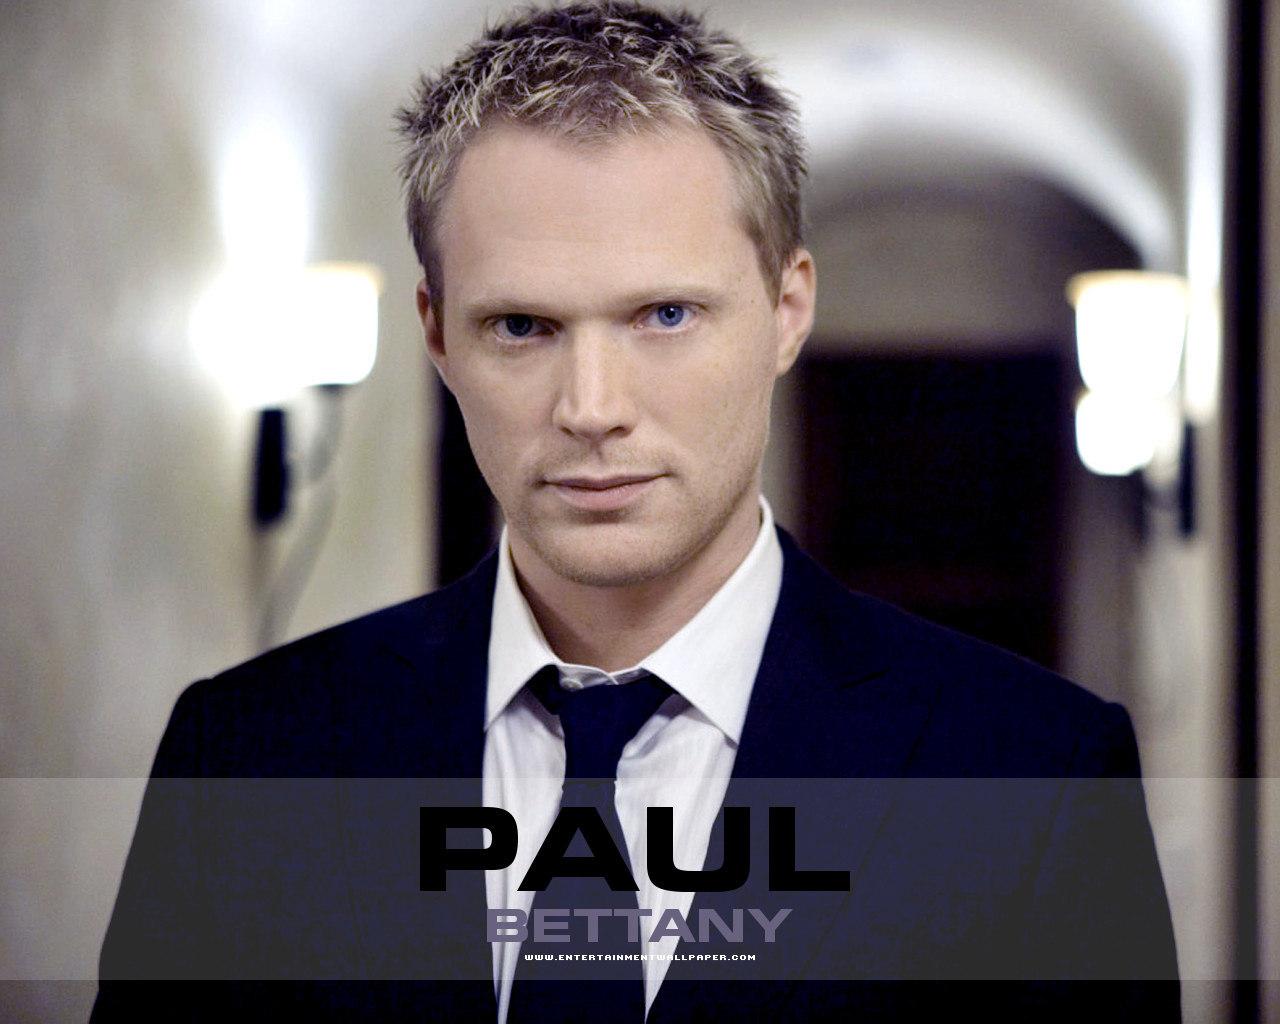 Paul Bettany HD